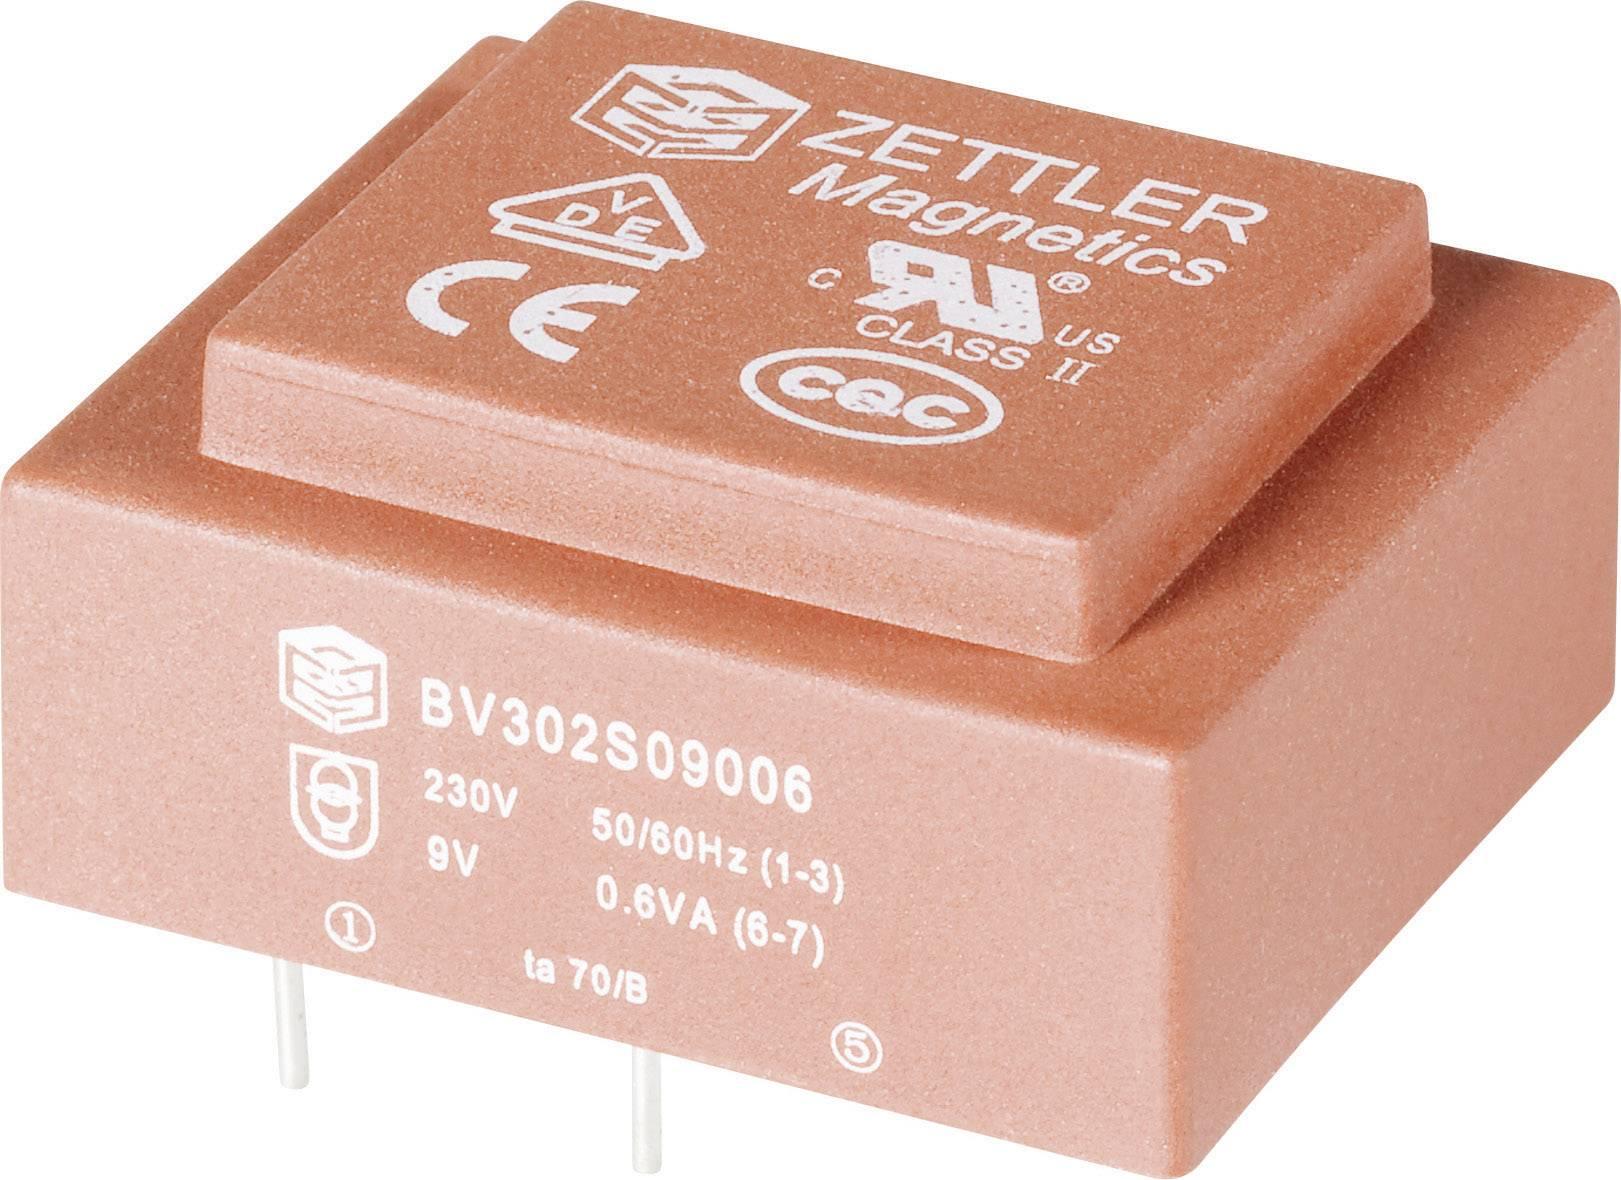 Transformátor do DPS Zettler Magnetics El30, 230 V/2x 6 V, 2x 50 mA, 2 VA